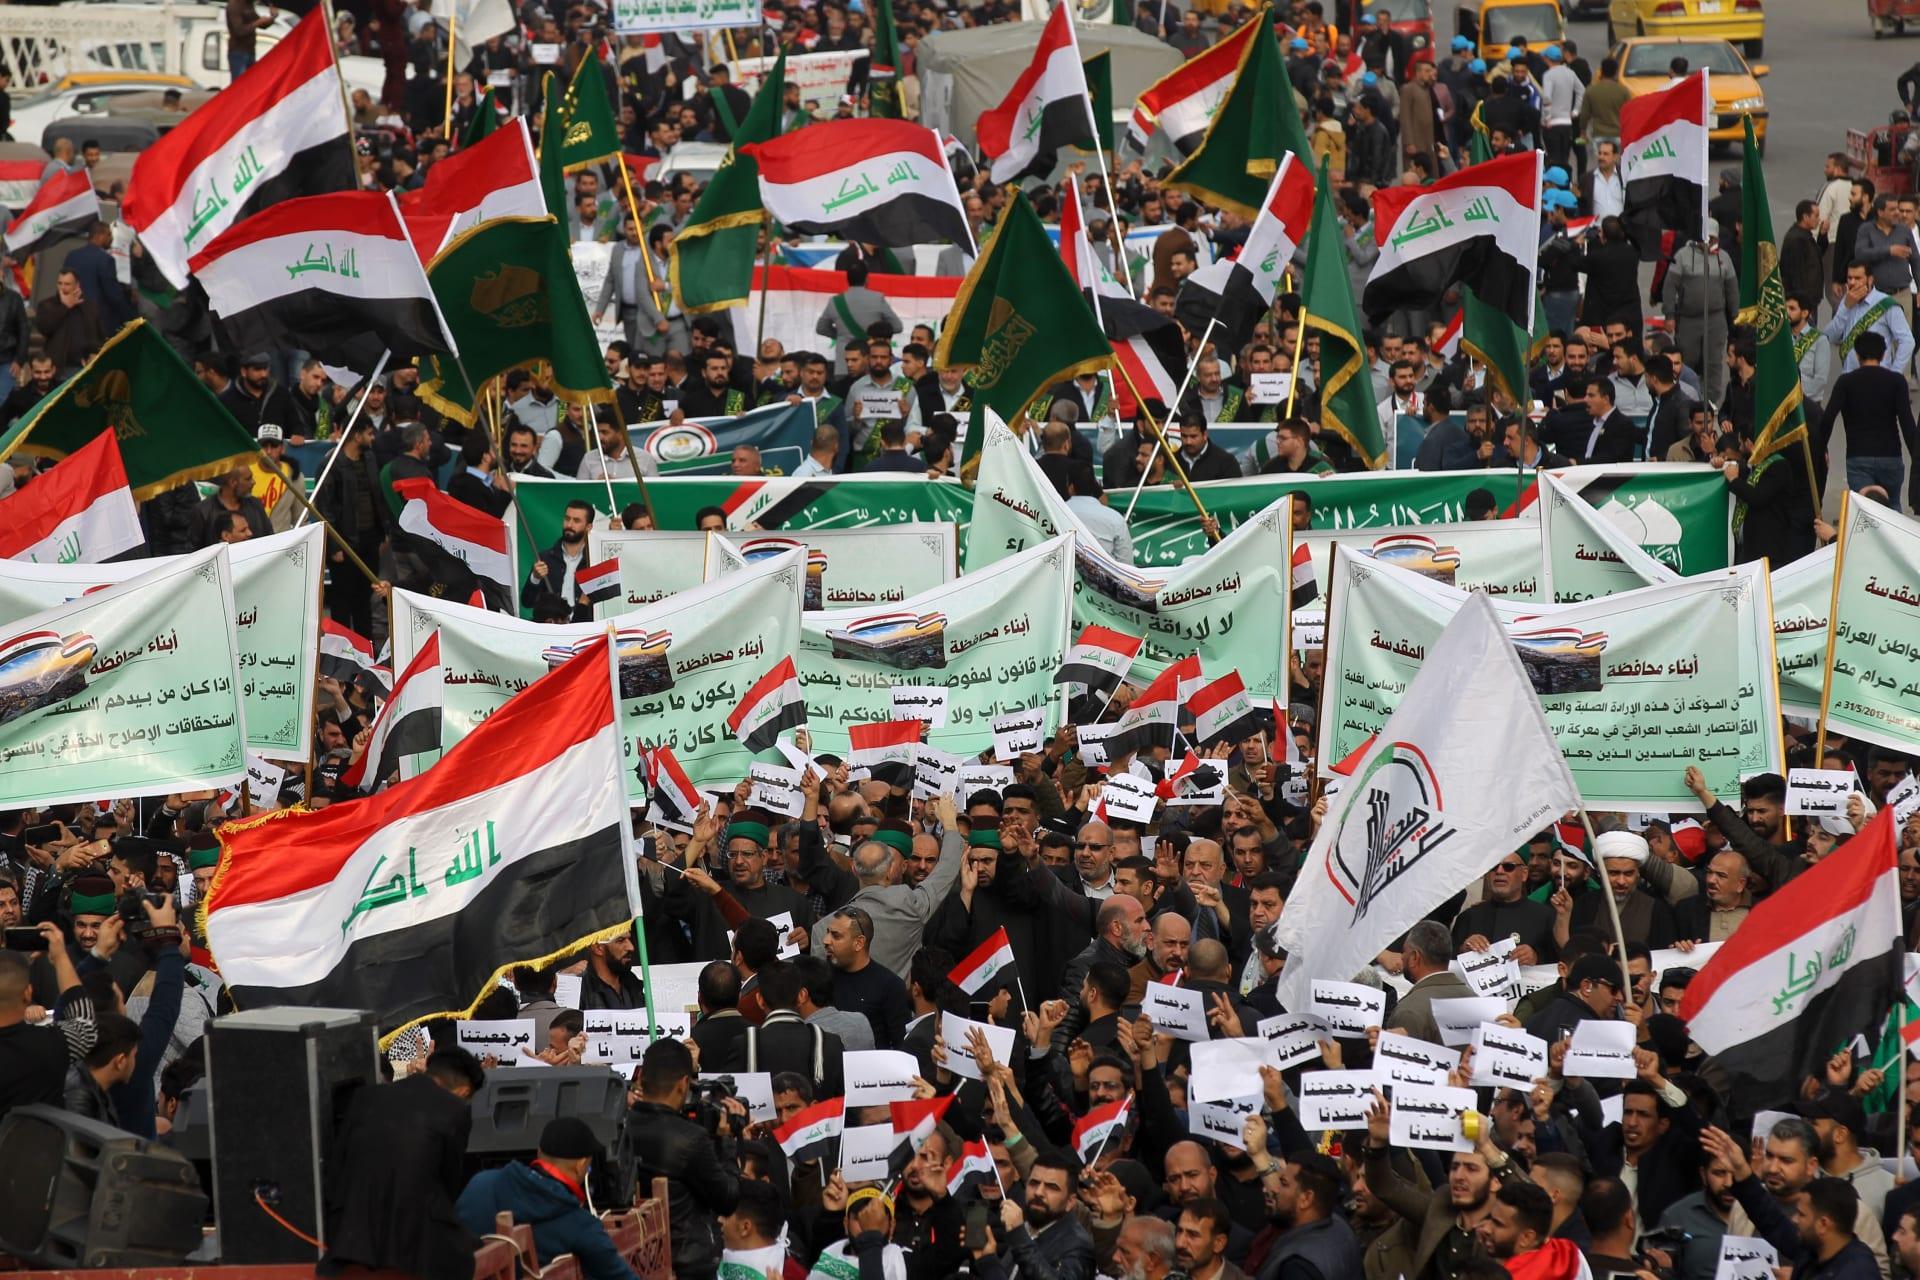 احتجاجات في العراق تطالب برحيل الحكومة وتحسين الأوضاع المعيشية